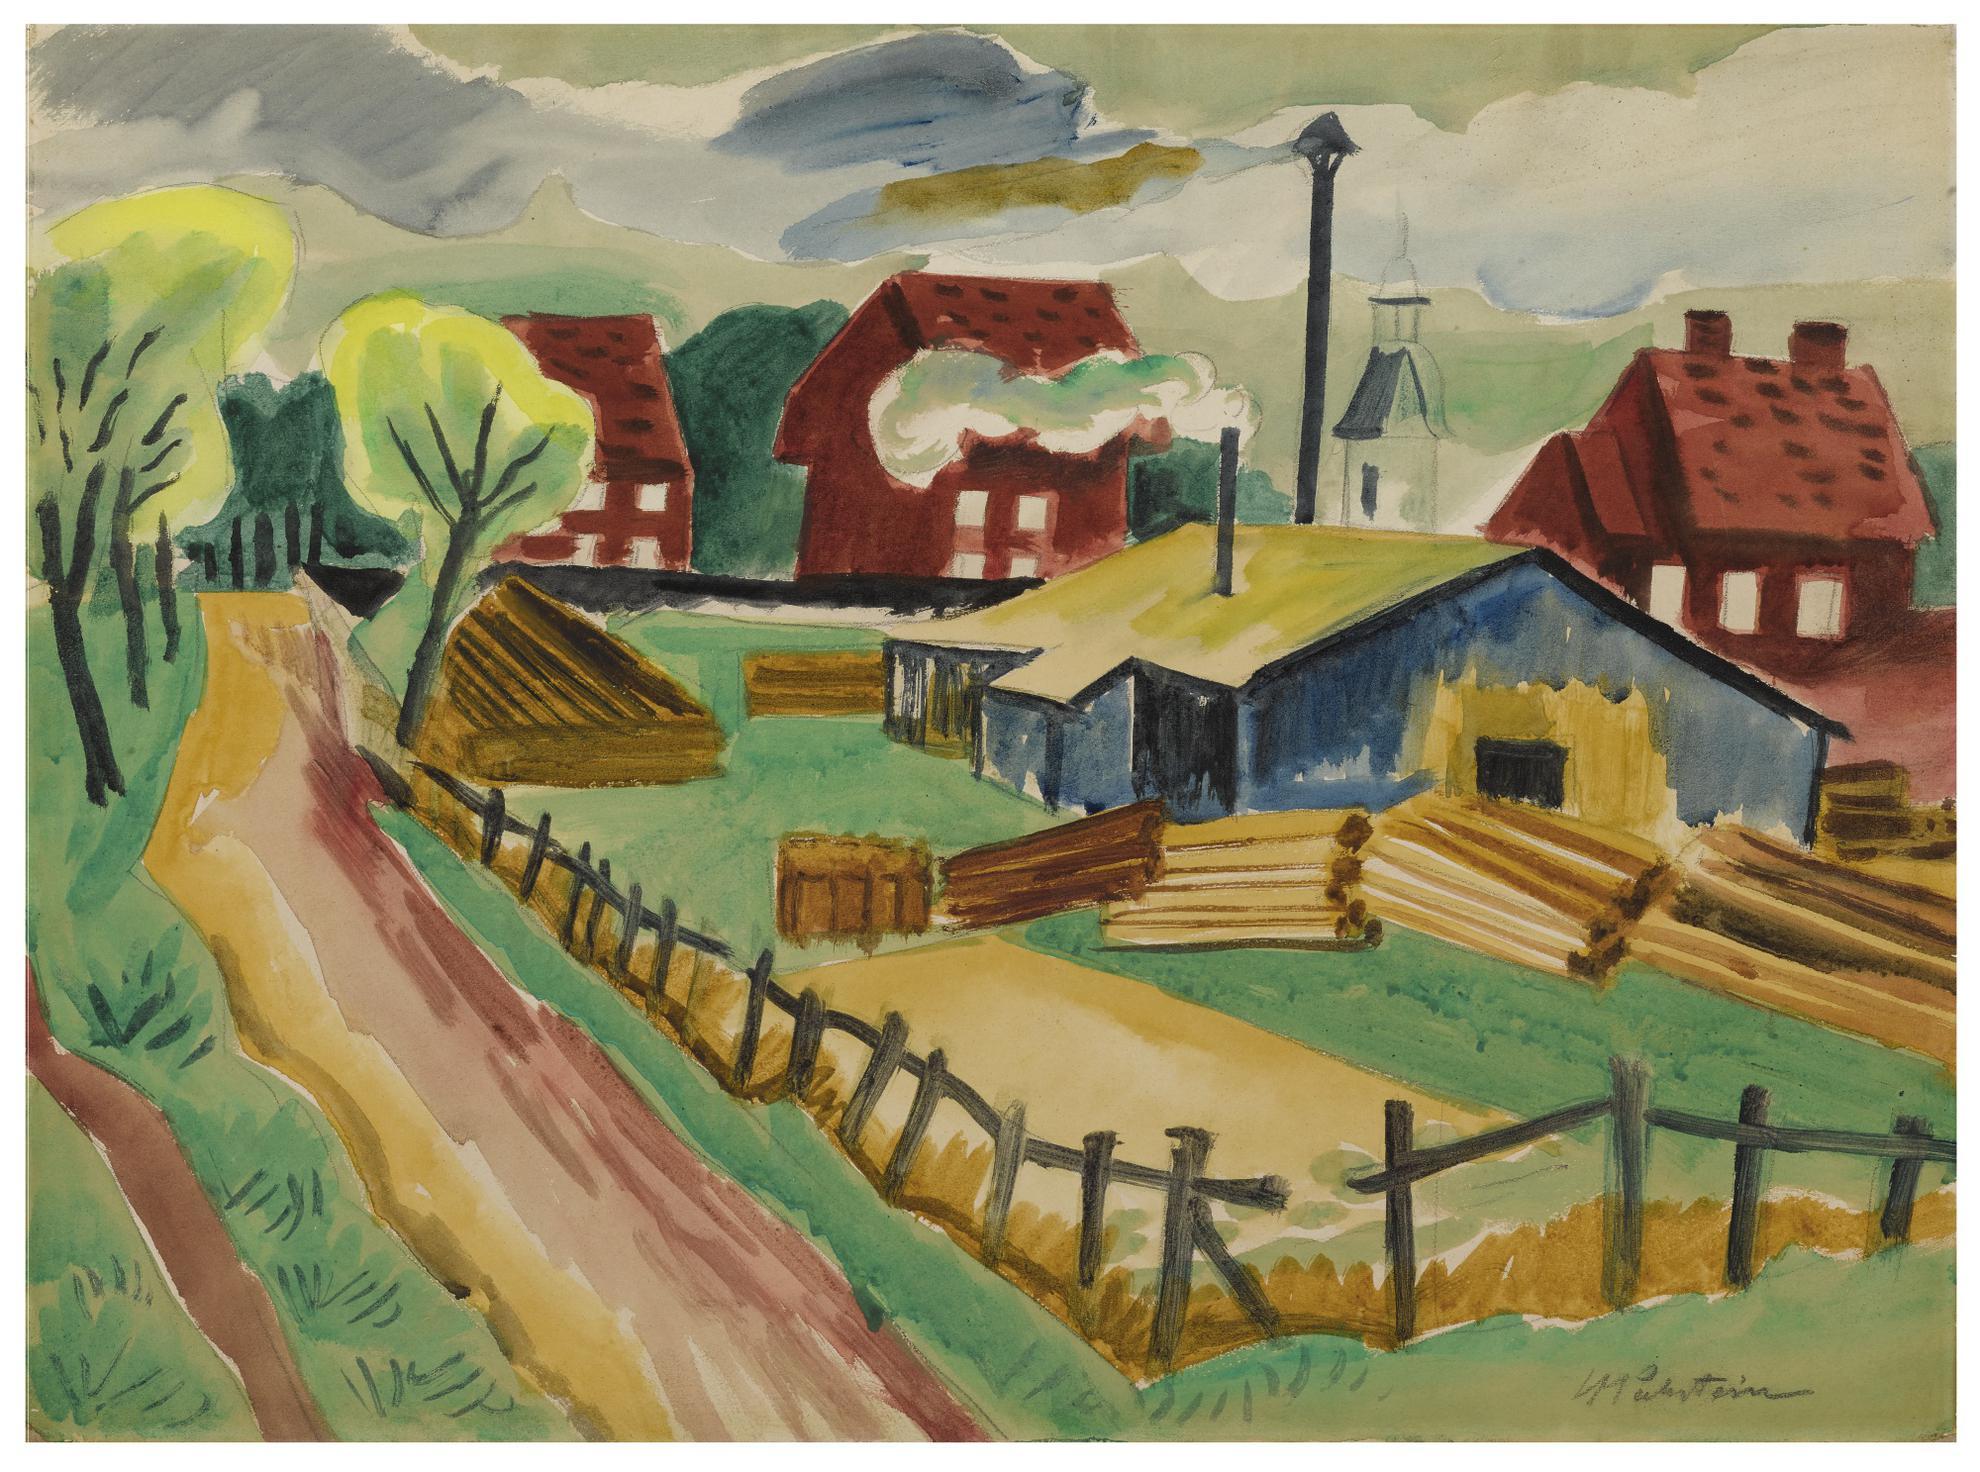 Max Pechstein-Sagemuhle, Leba (Holzlagerplatz) (Sawmill, Leba (Timber Yard))-1922